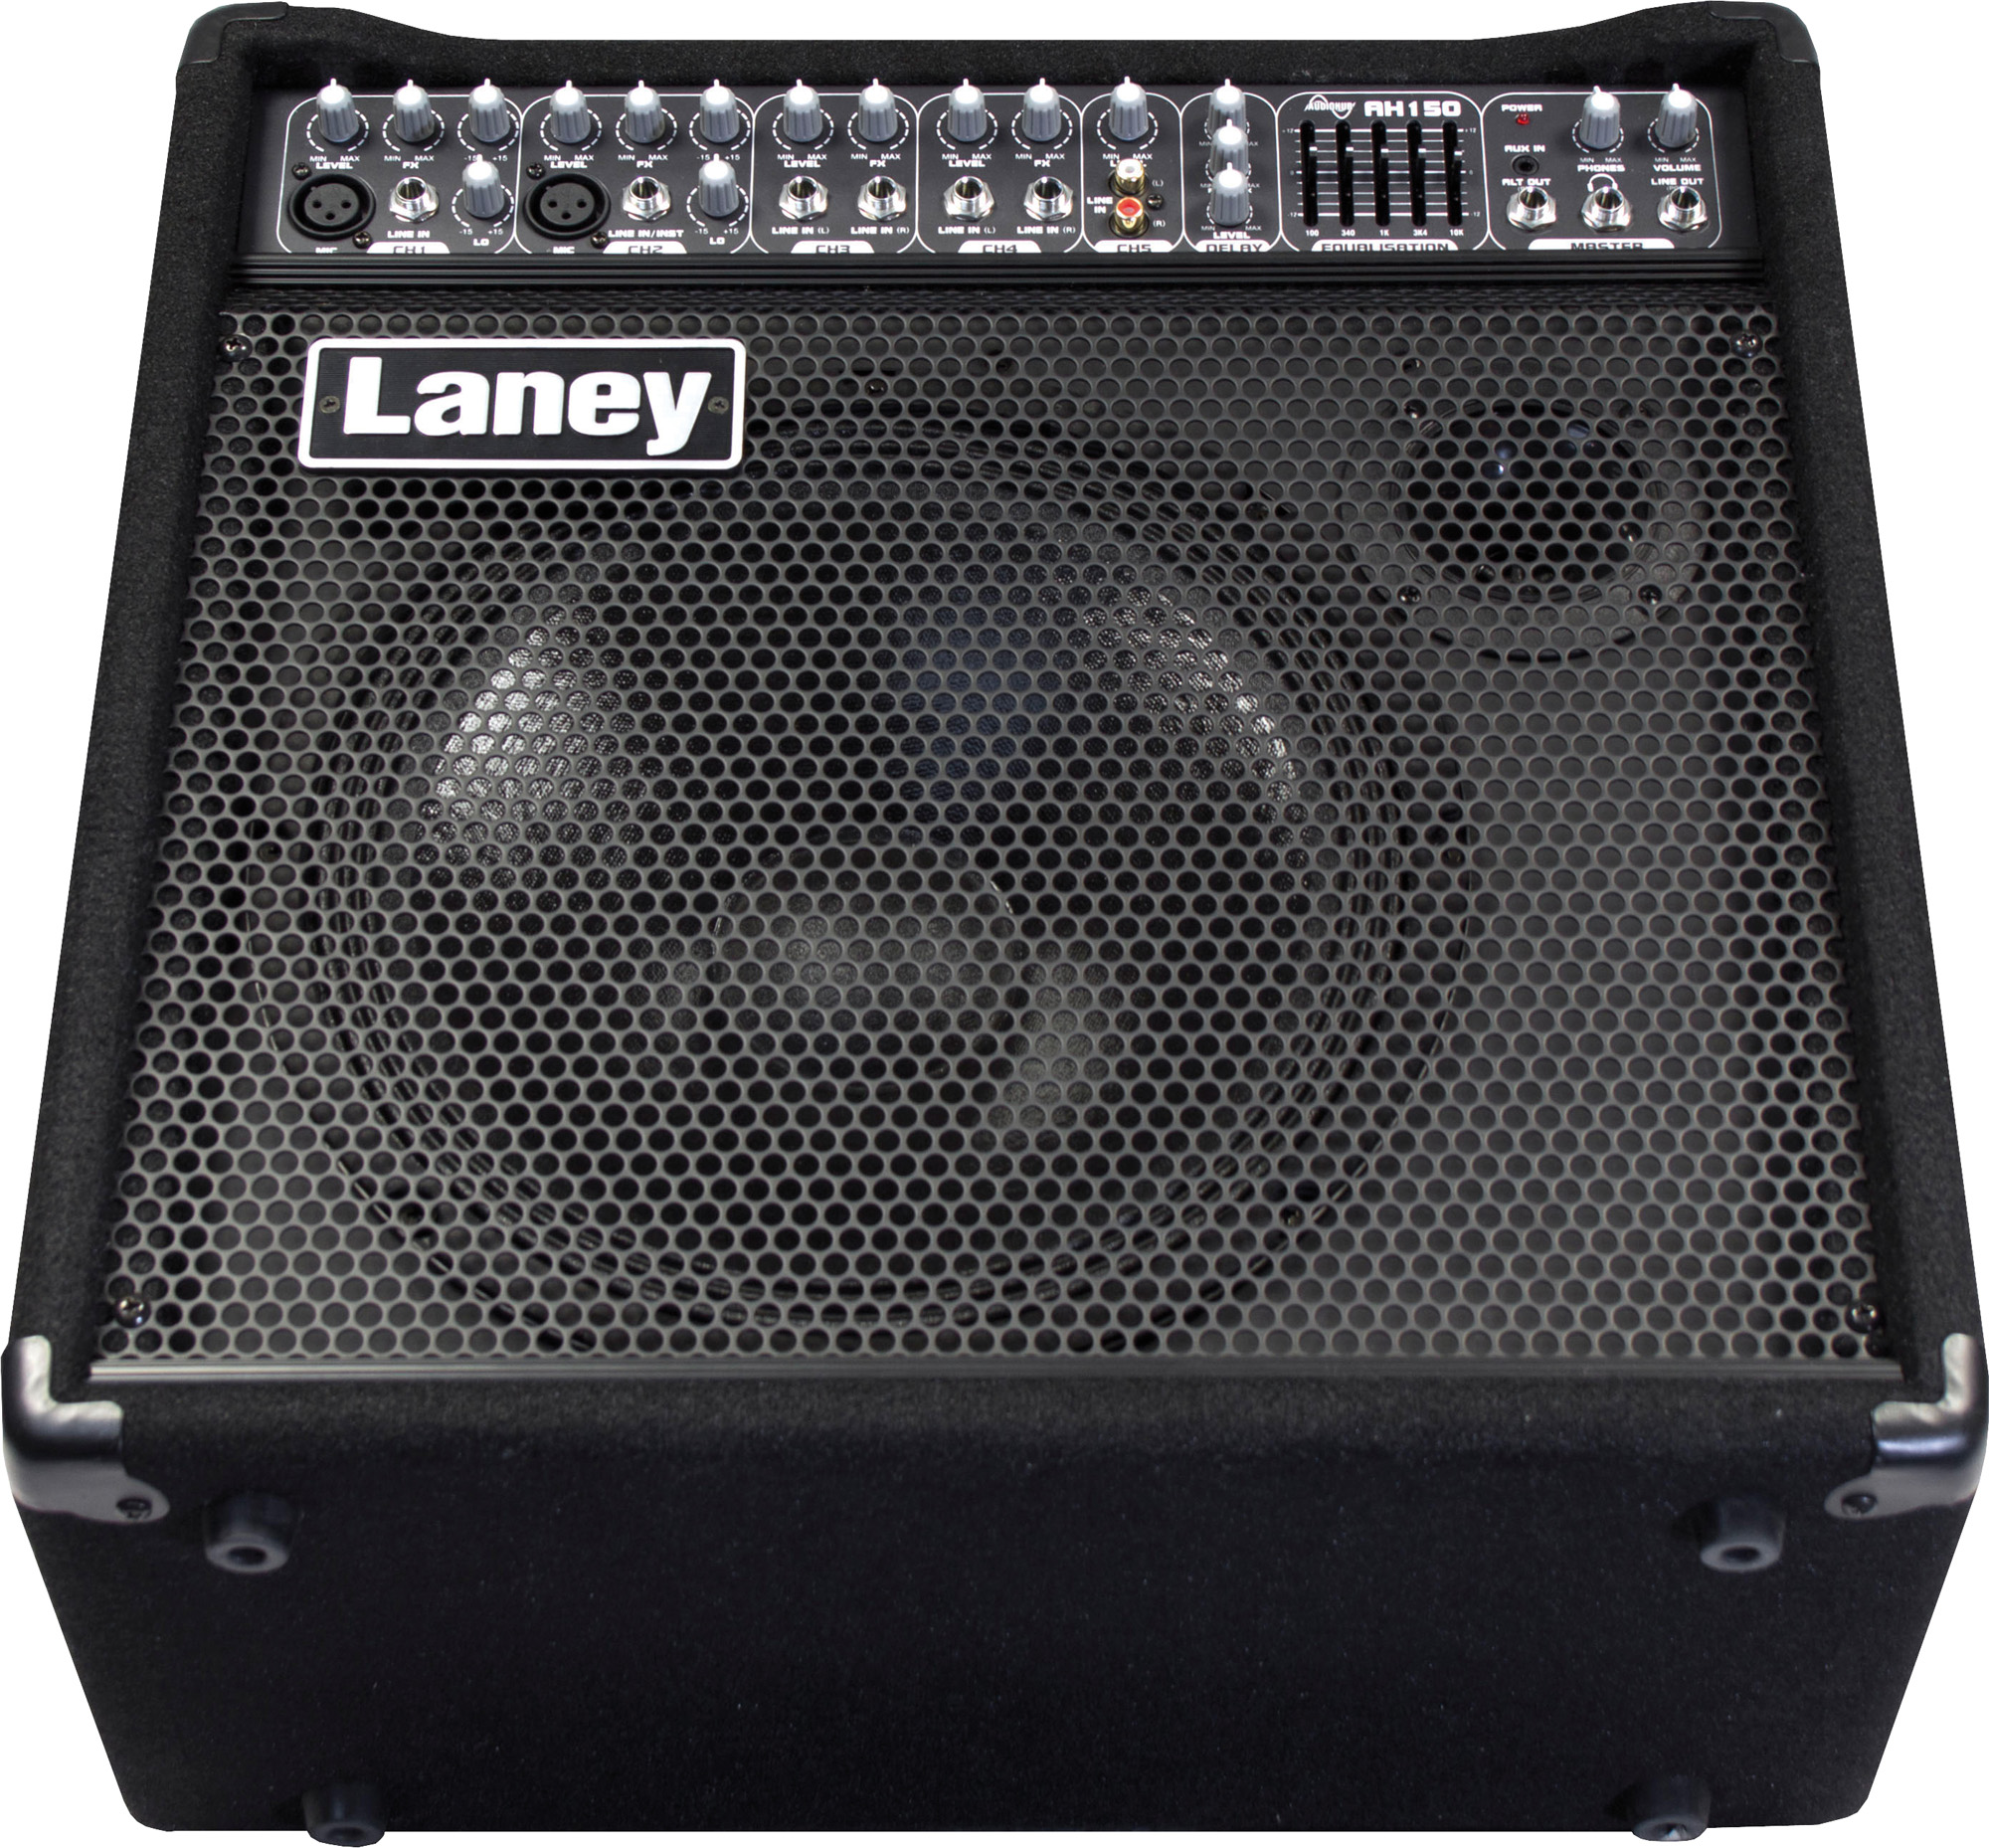 LANEY AMPLI AUDIOHUB AH150 150W BATTERIE ELECTRONIQUE